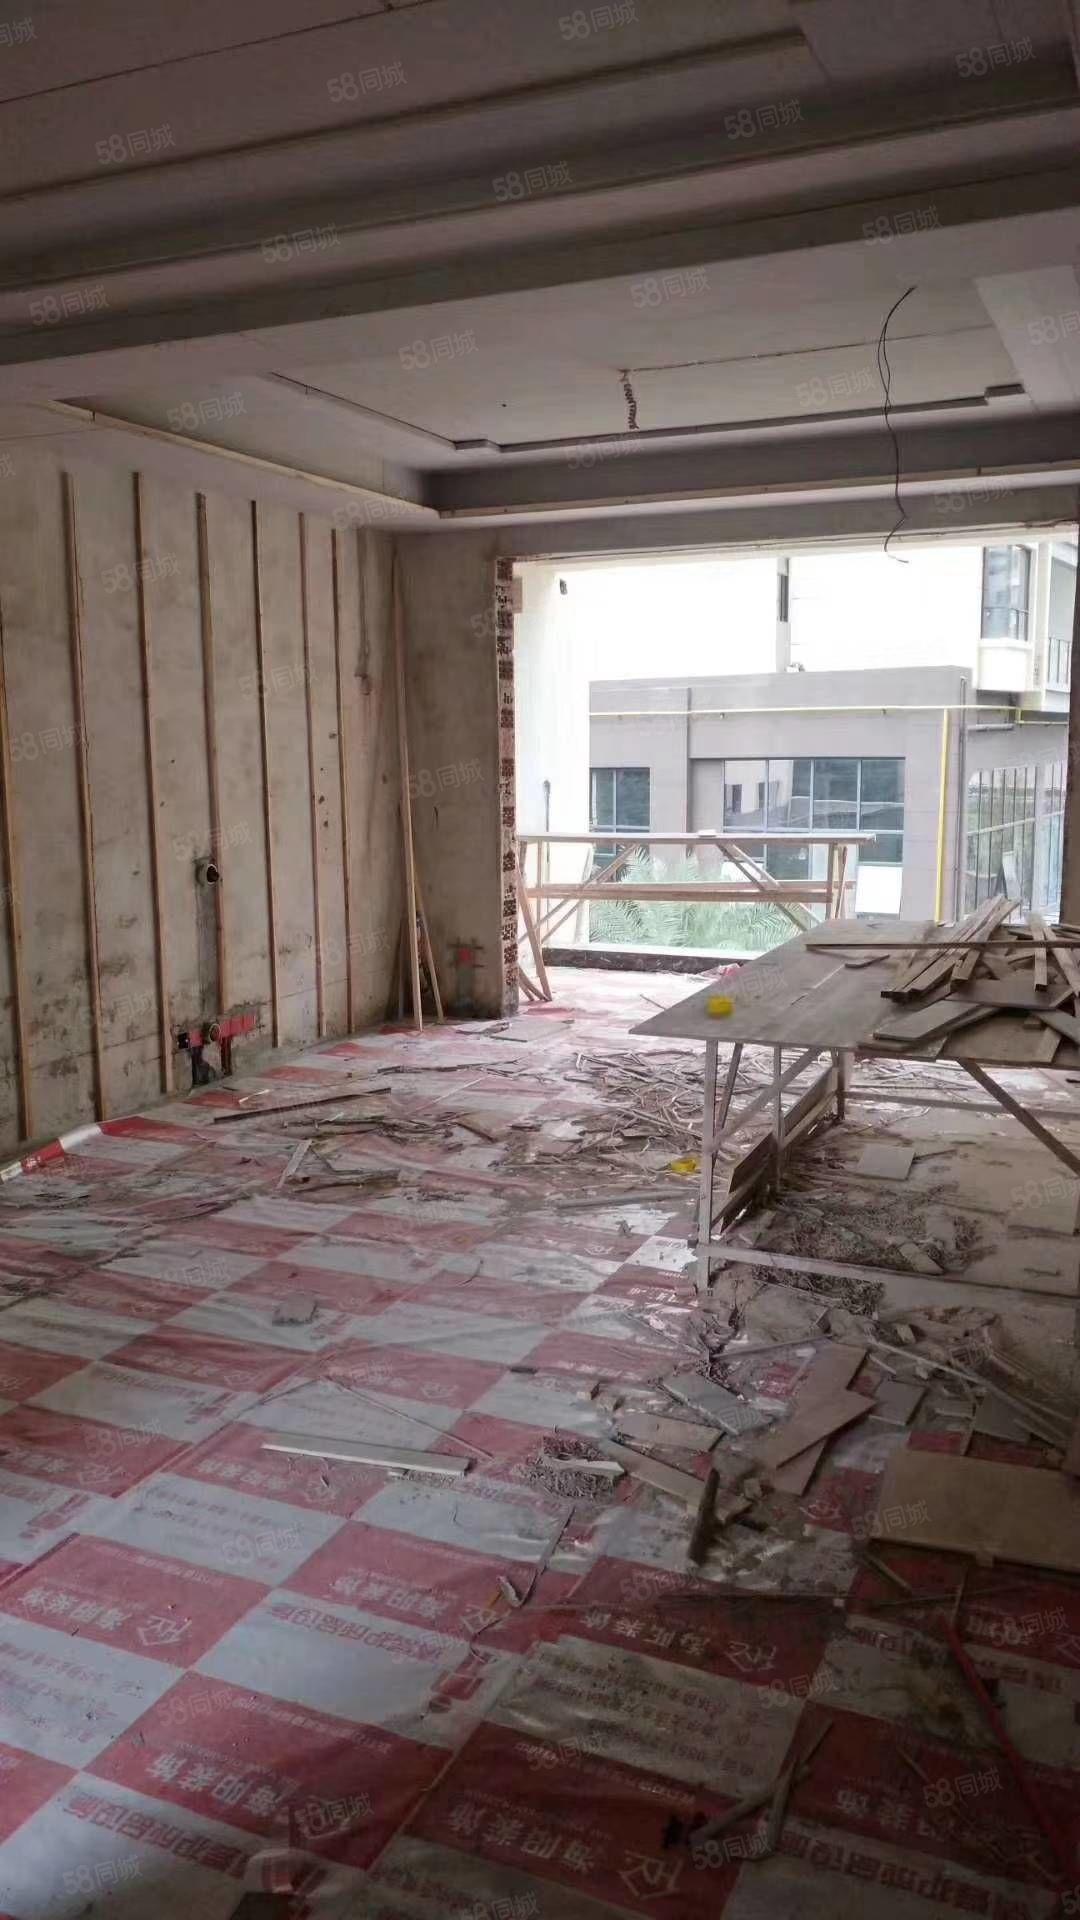 上海路常青藤3房出售,戶型方正,小區環境好,同濟學期房